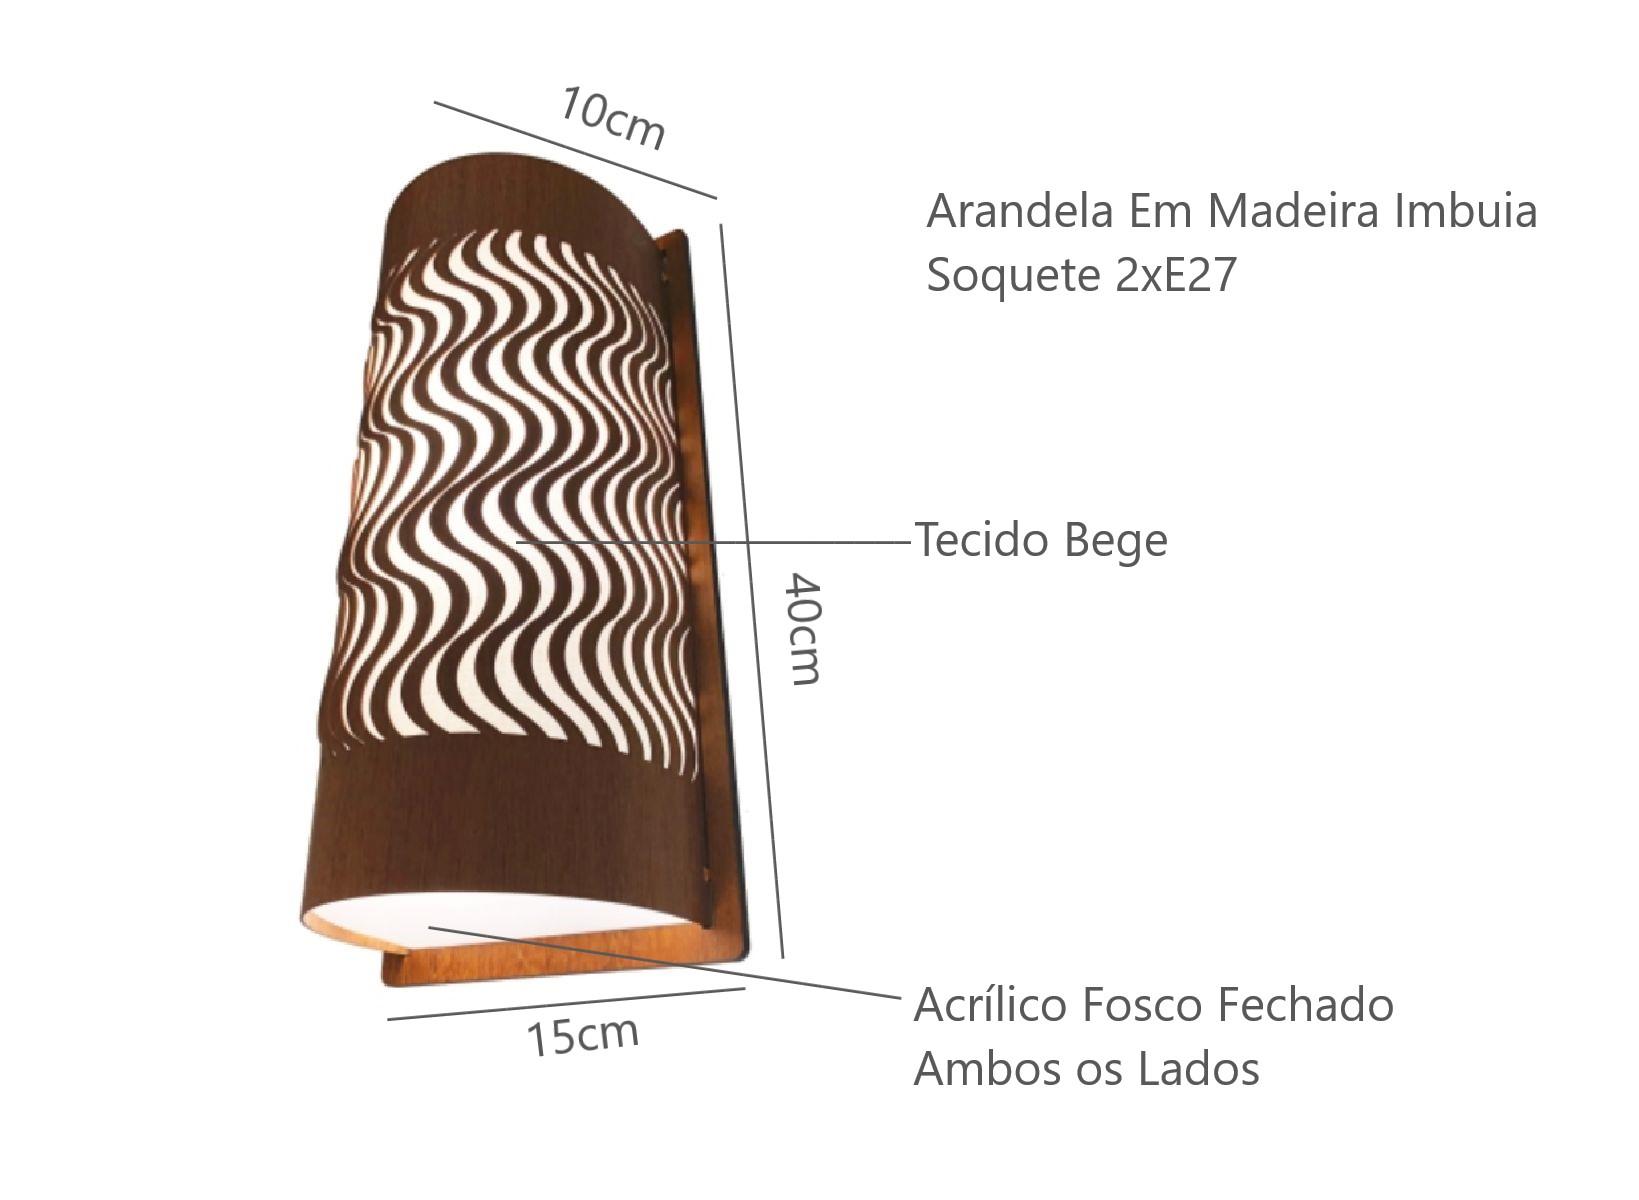 Arandela Dunas Madeira Imbuia Para Sala Corredor Escada Hall de Entarda